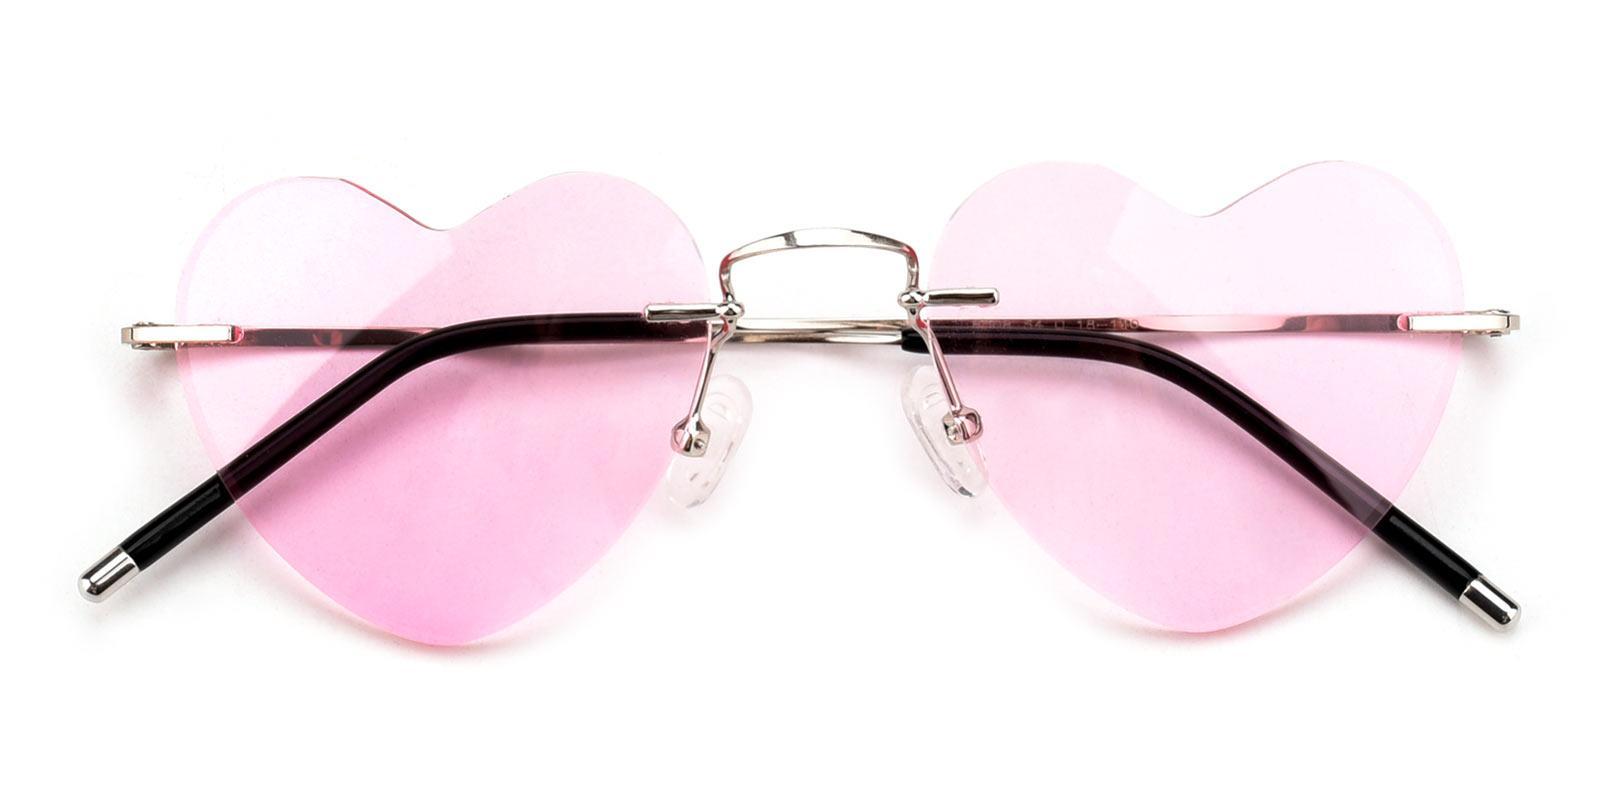 SweetLove-Pink-Geometric-Metal-Eyeglasses-detail